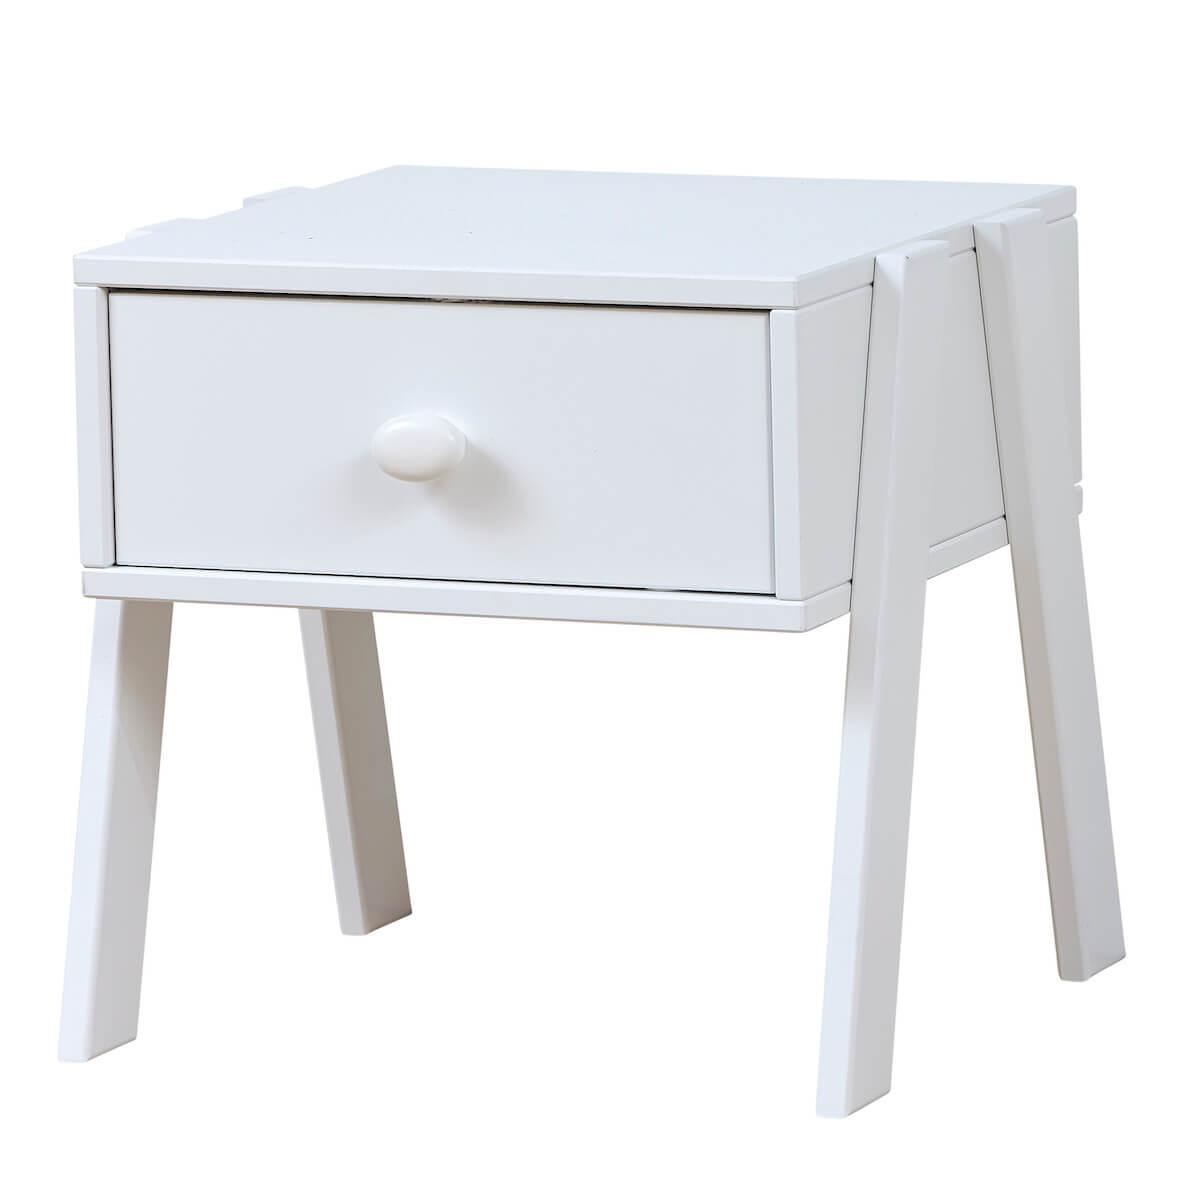 Table de nuit 1 tiroir Lifetime blanc (sans poignée)